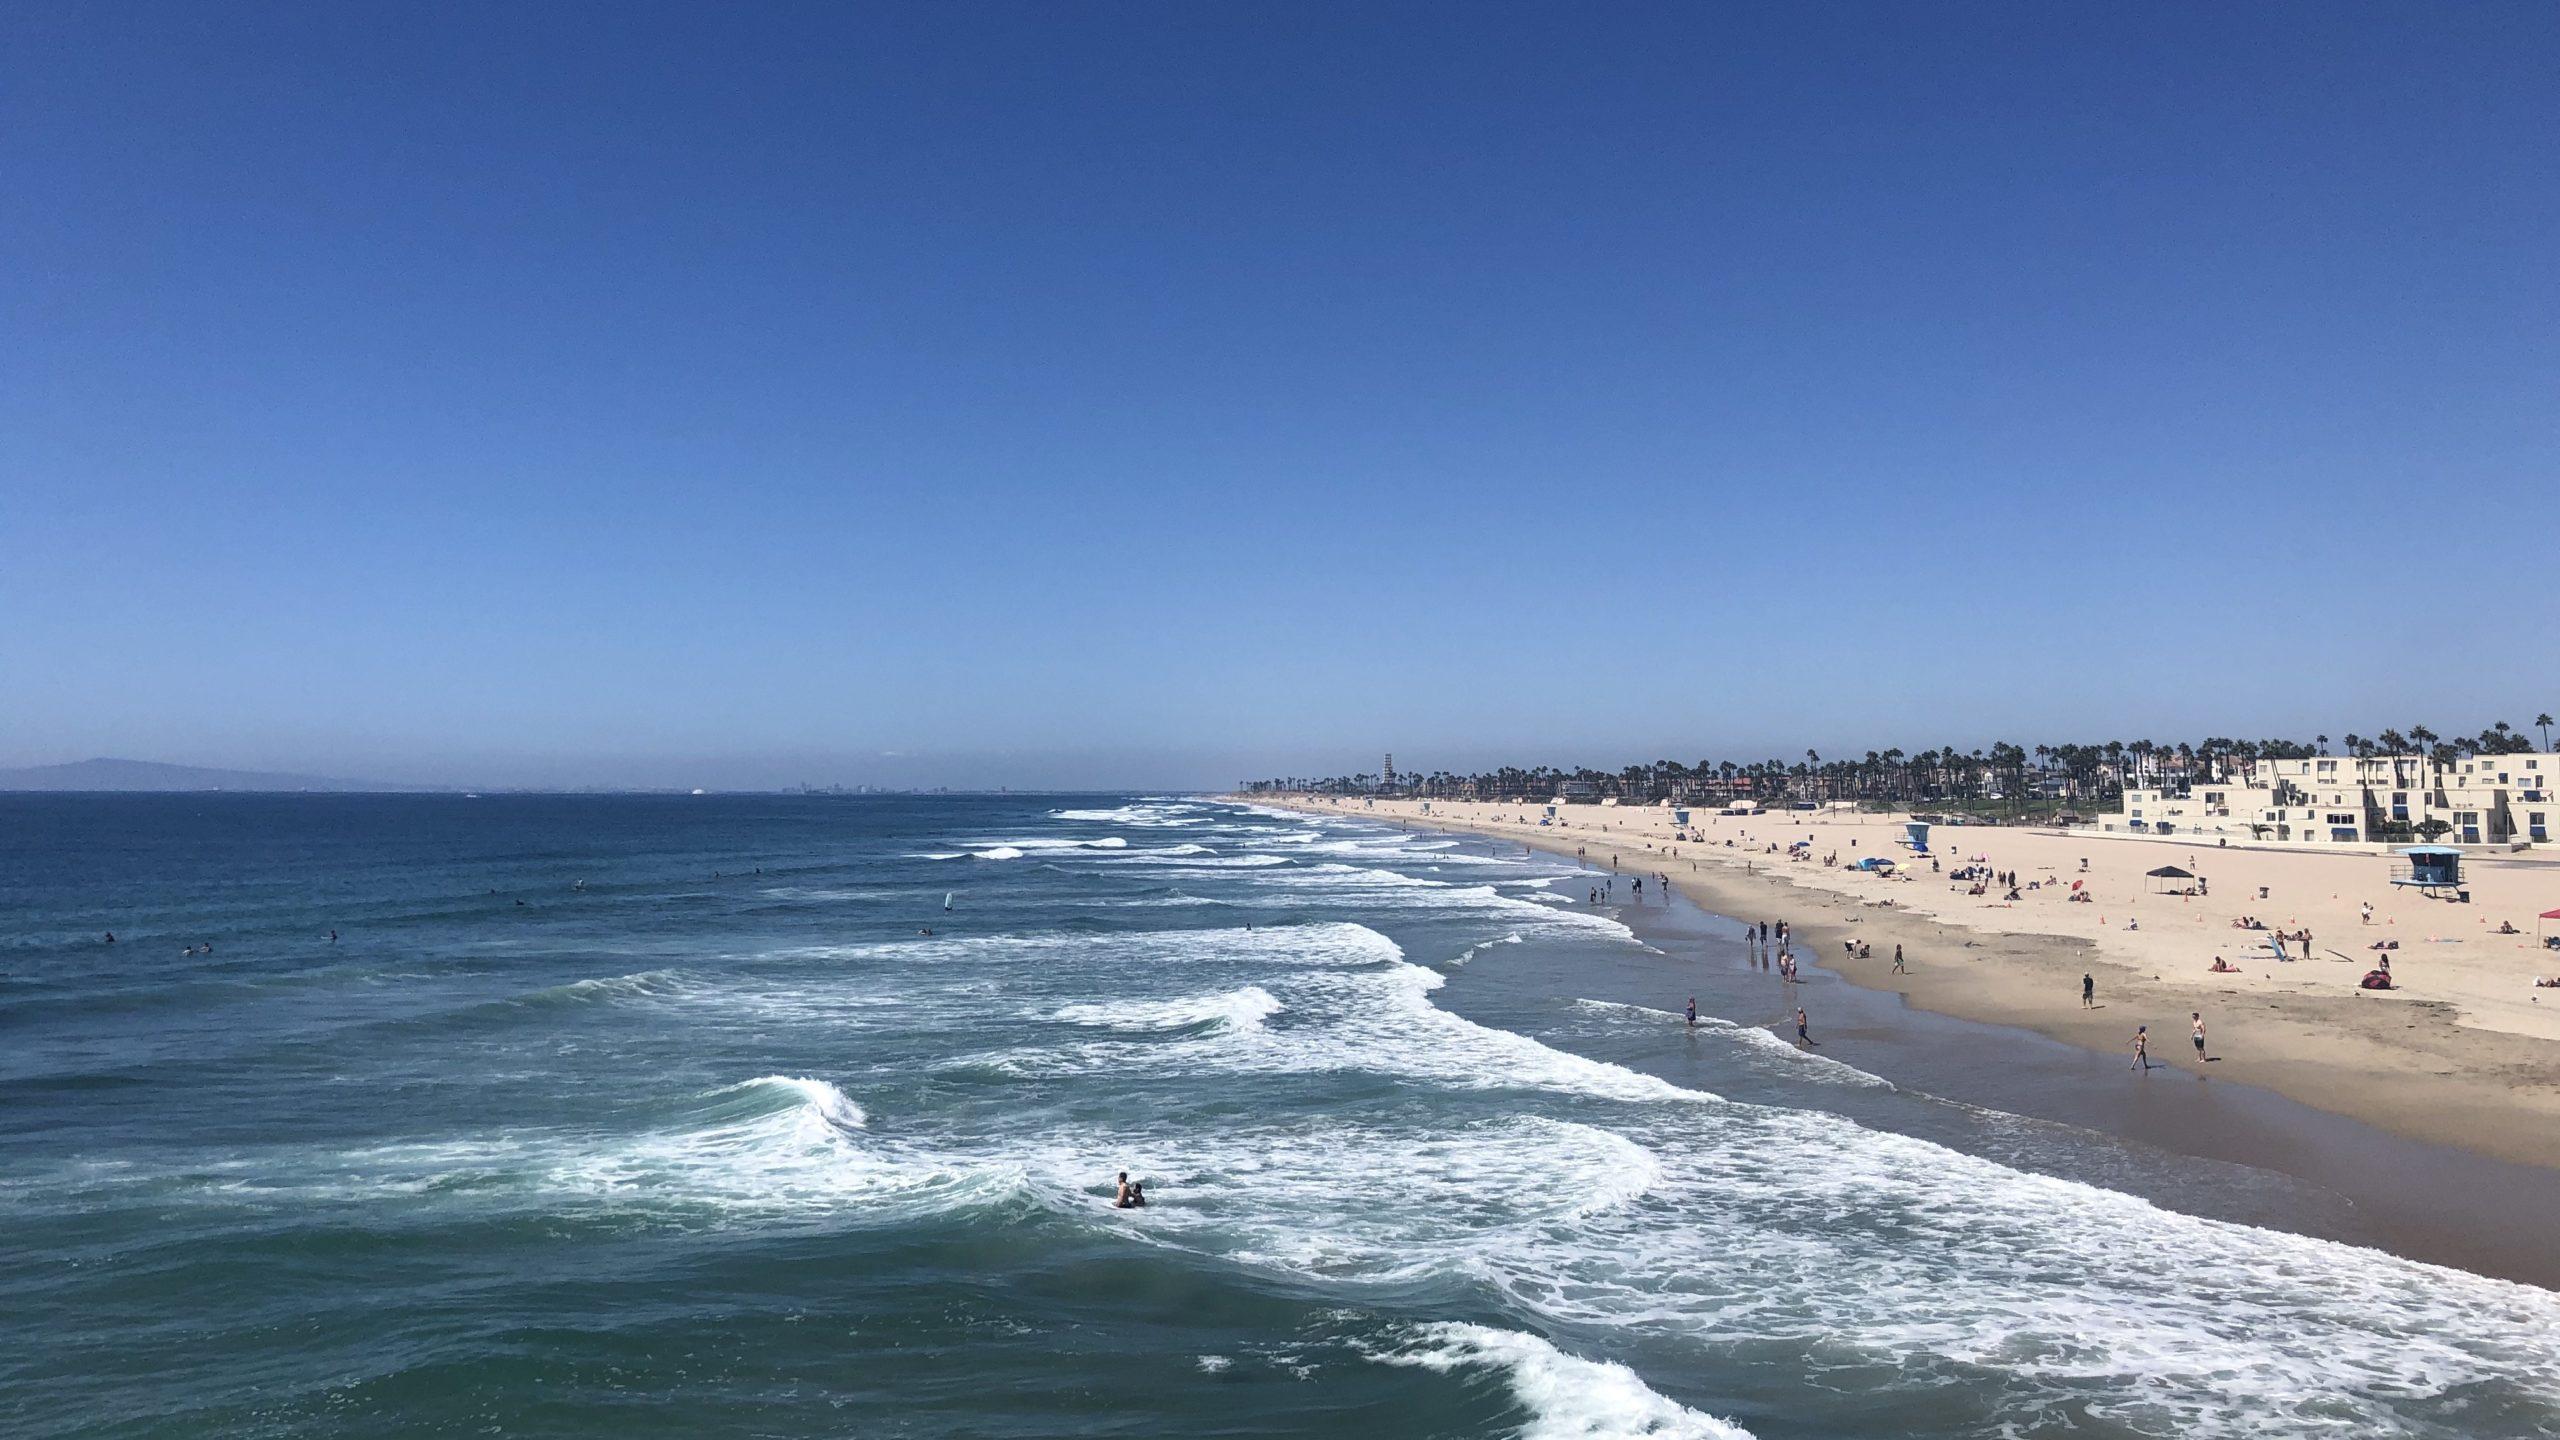 Der Huntington Beach in Kalifornien